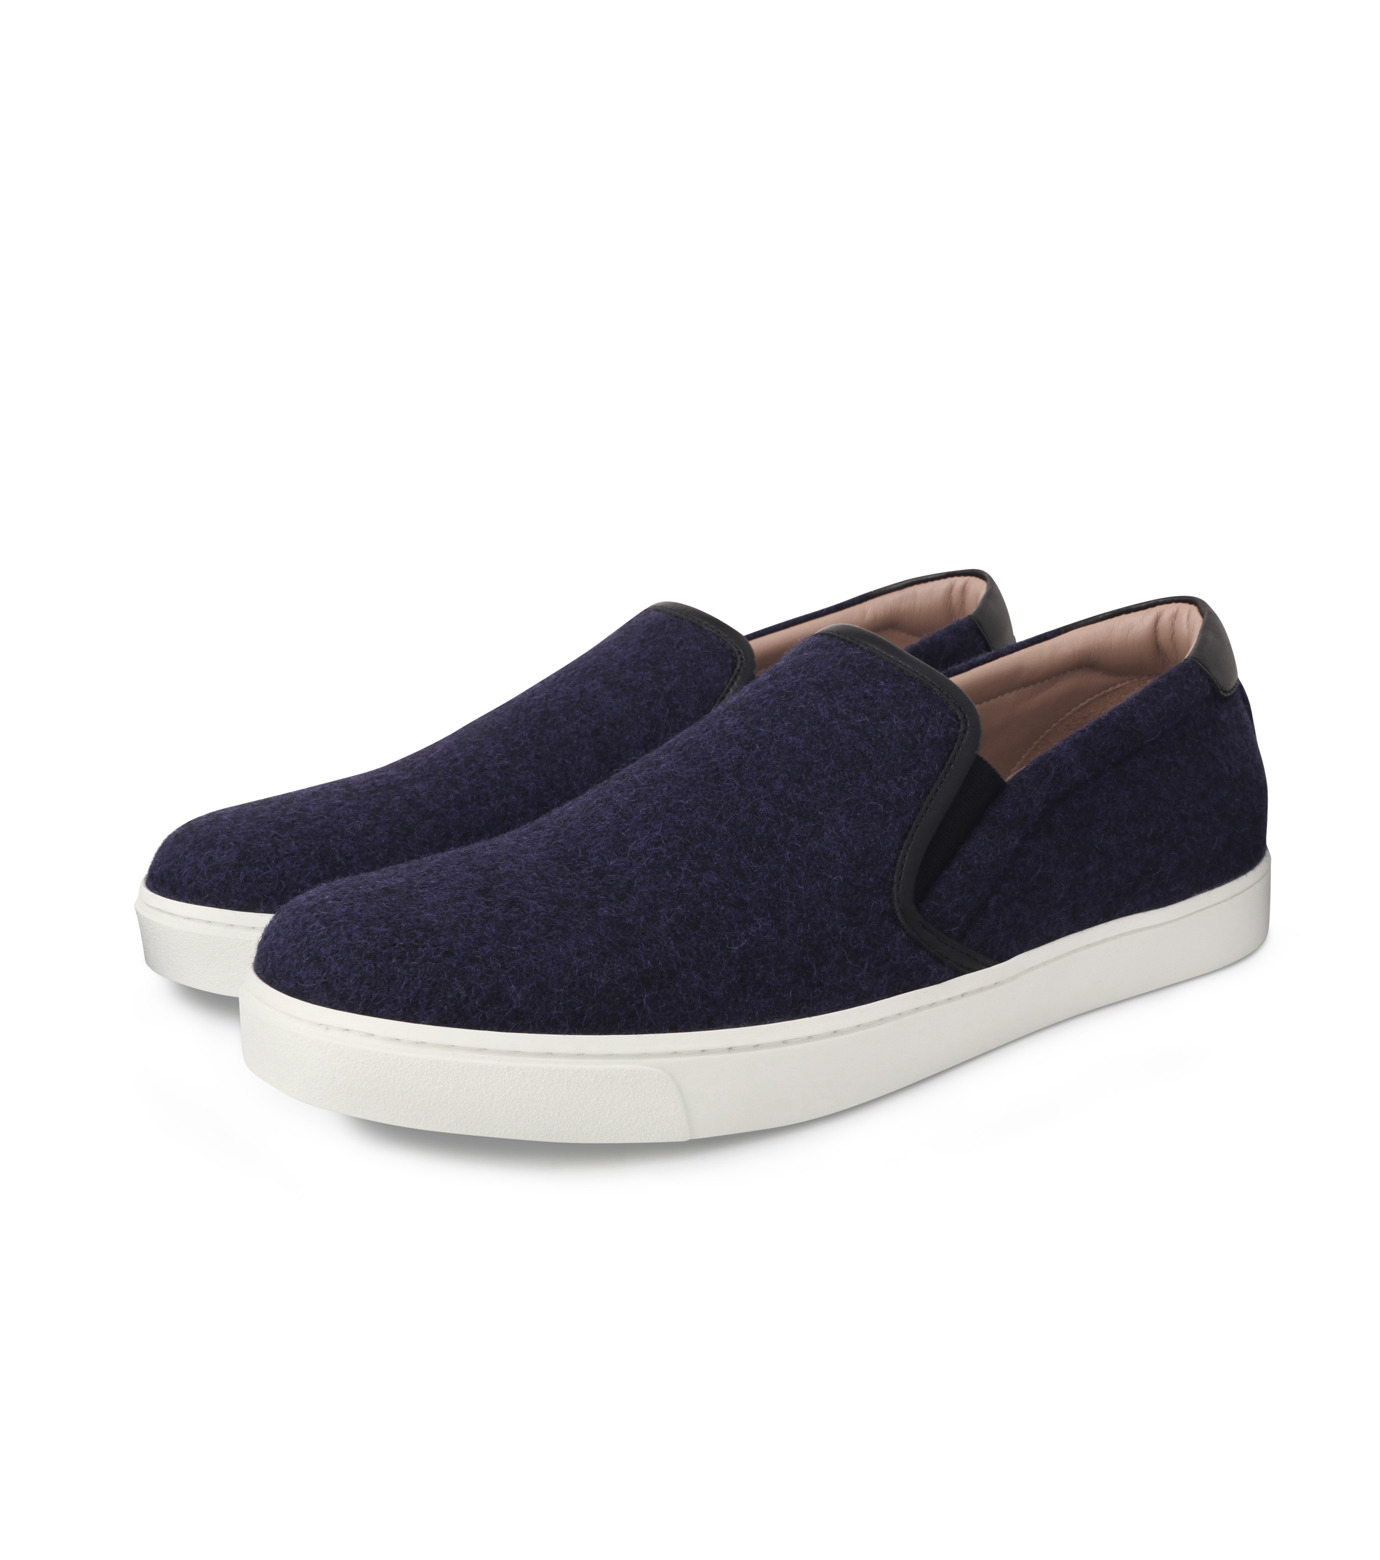 Gianvito Rossi(ジャンヴィト ロッシ)のSlippon Sneaker-BLUE(スニーカー/sneaker)-S20261-M-FEC-92 拡大詳細画像3